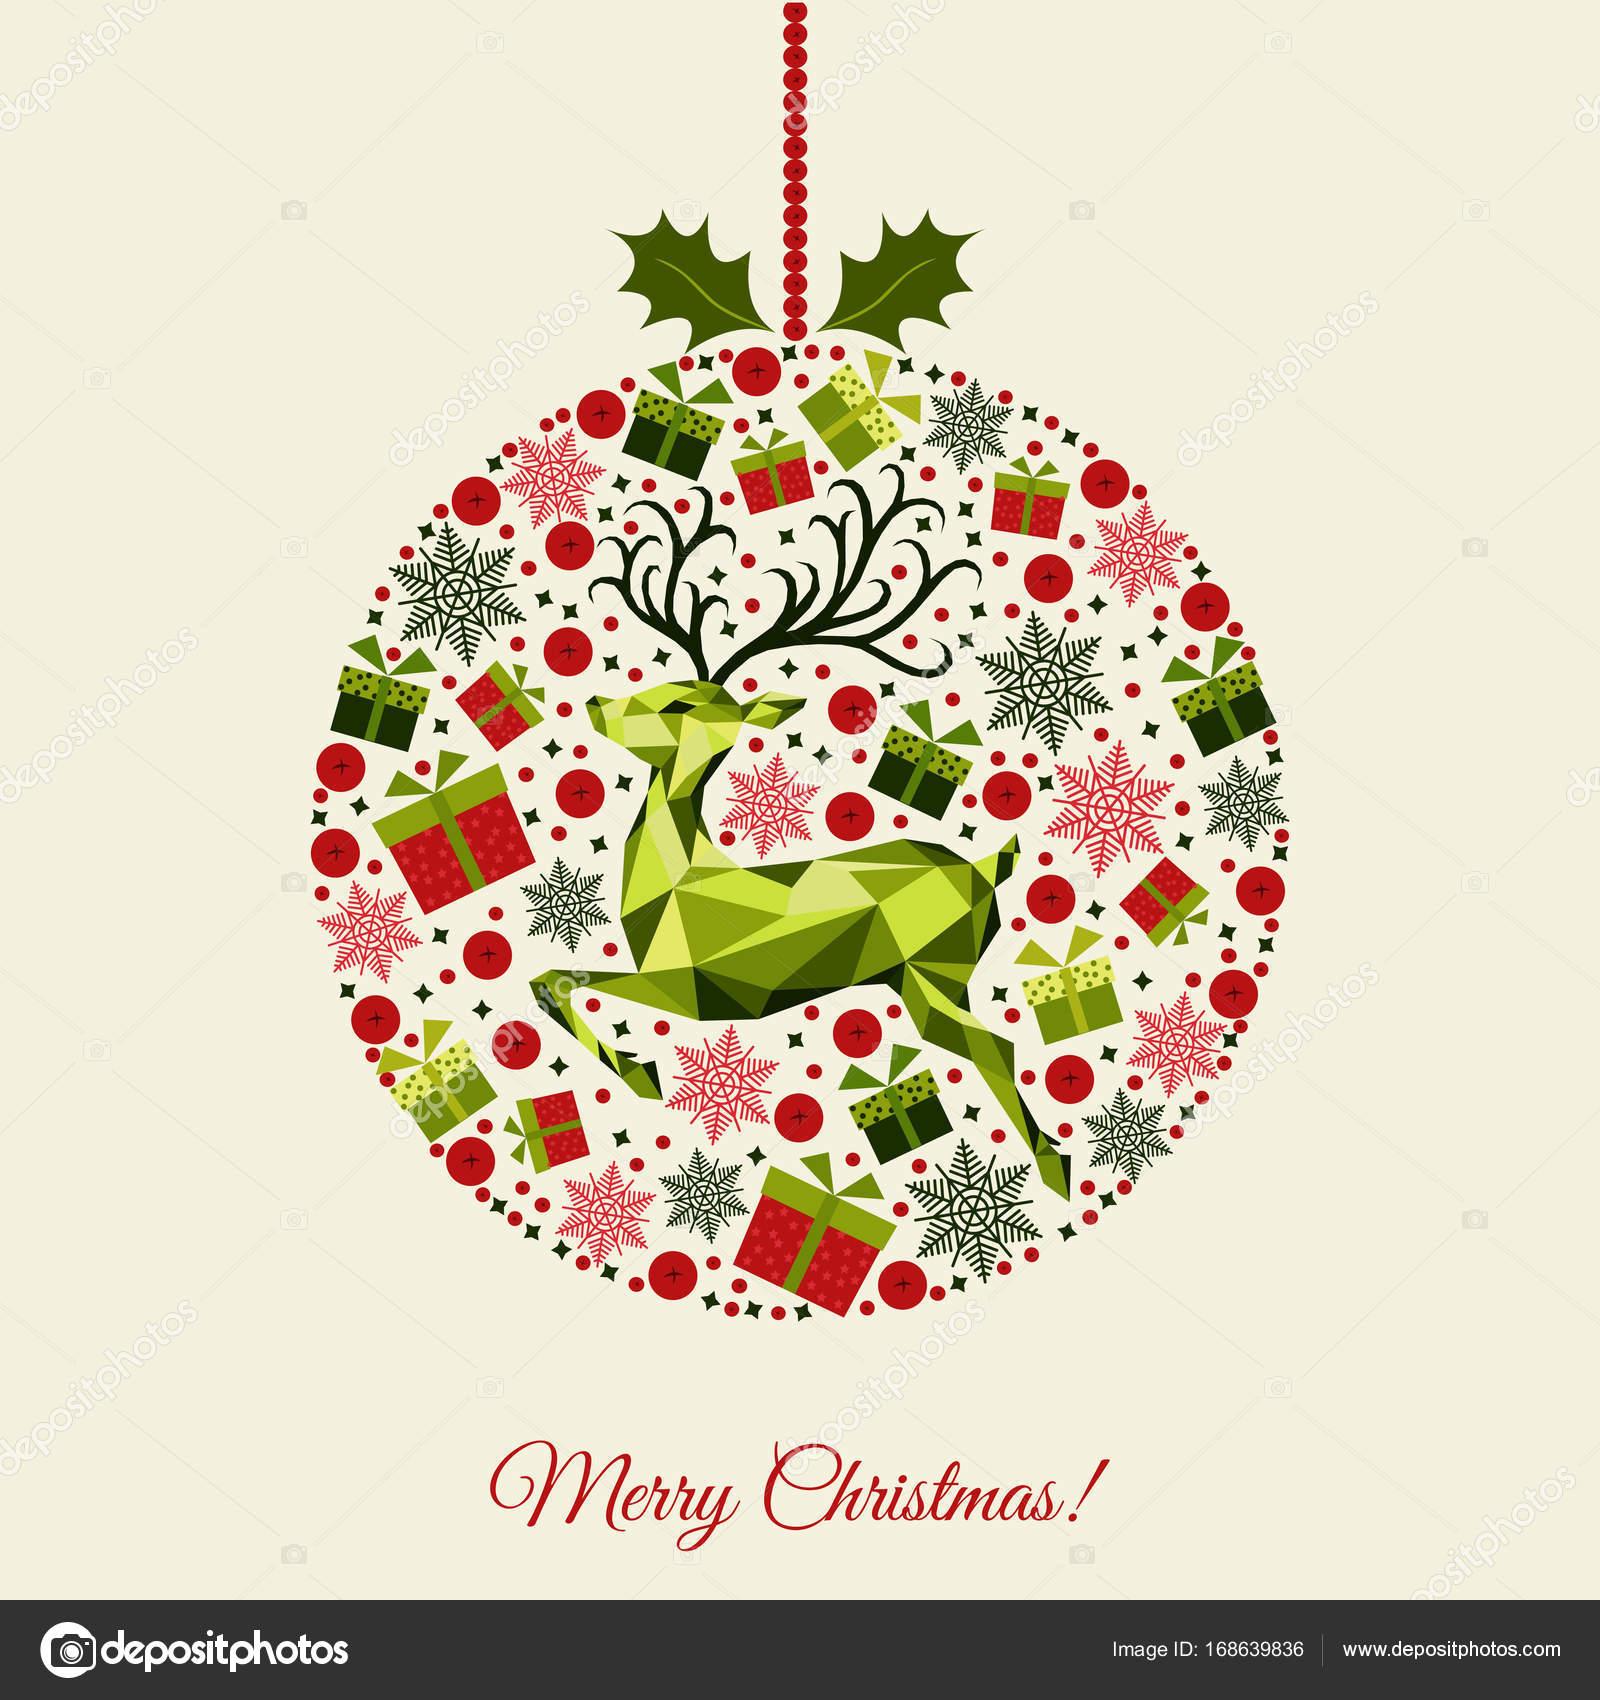 Bola De Navidad Con Motivos Archivo Imagenes Vectoriales - Motivos-navidad